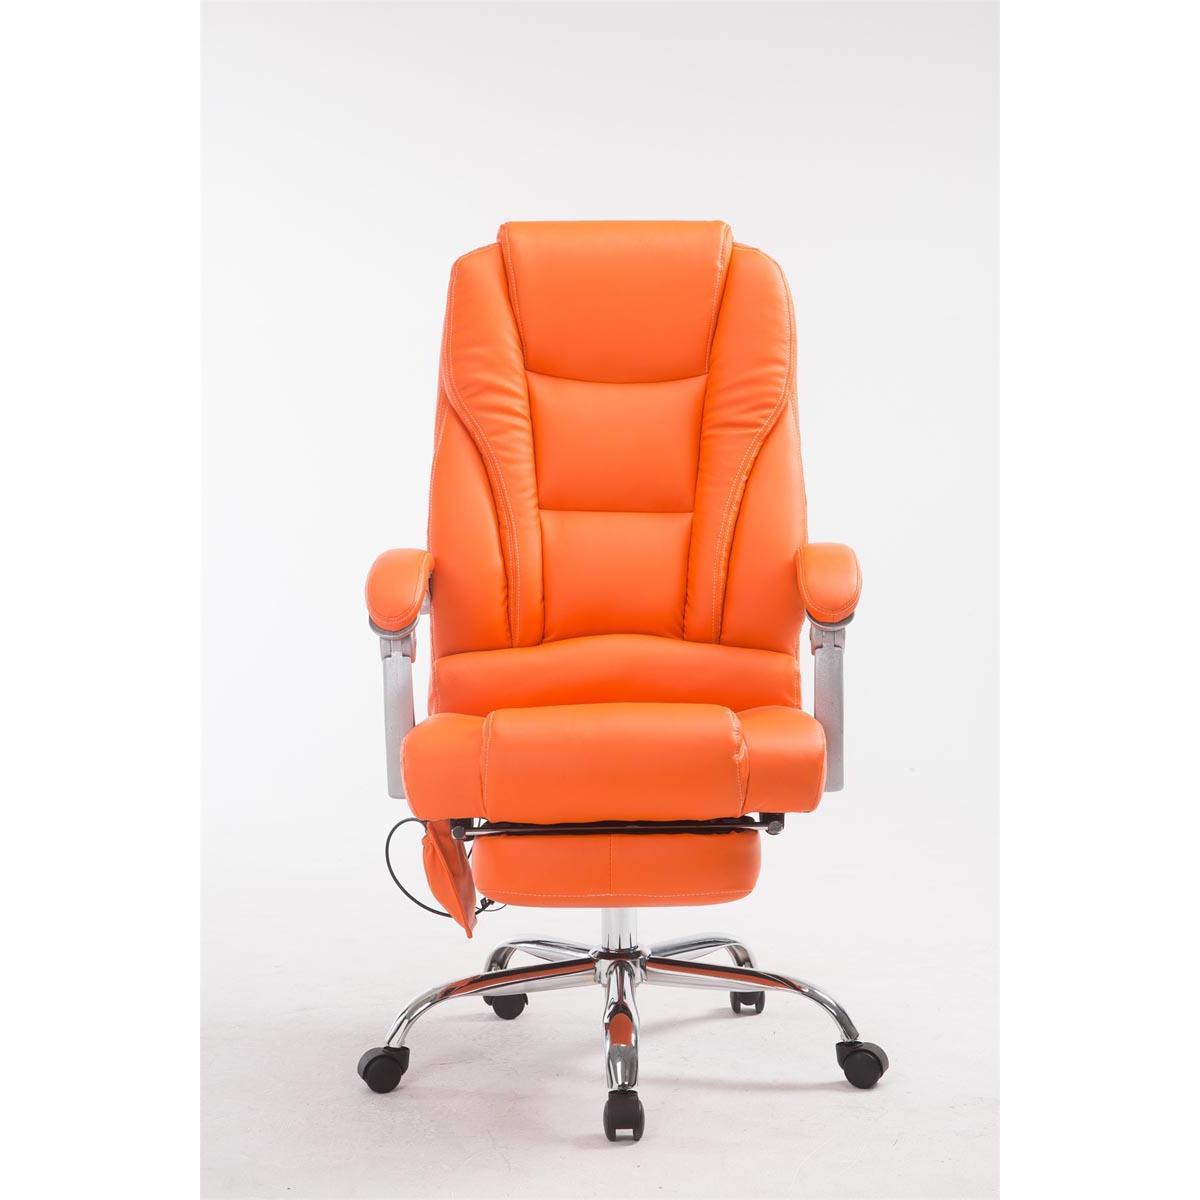 Poltrona da ufficio comodity massage spessa imbottitura - Poggiapiedi ufficio ...